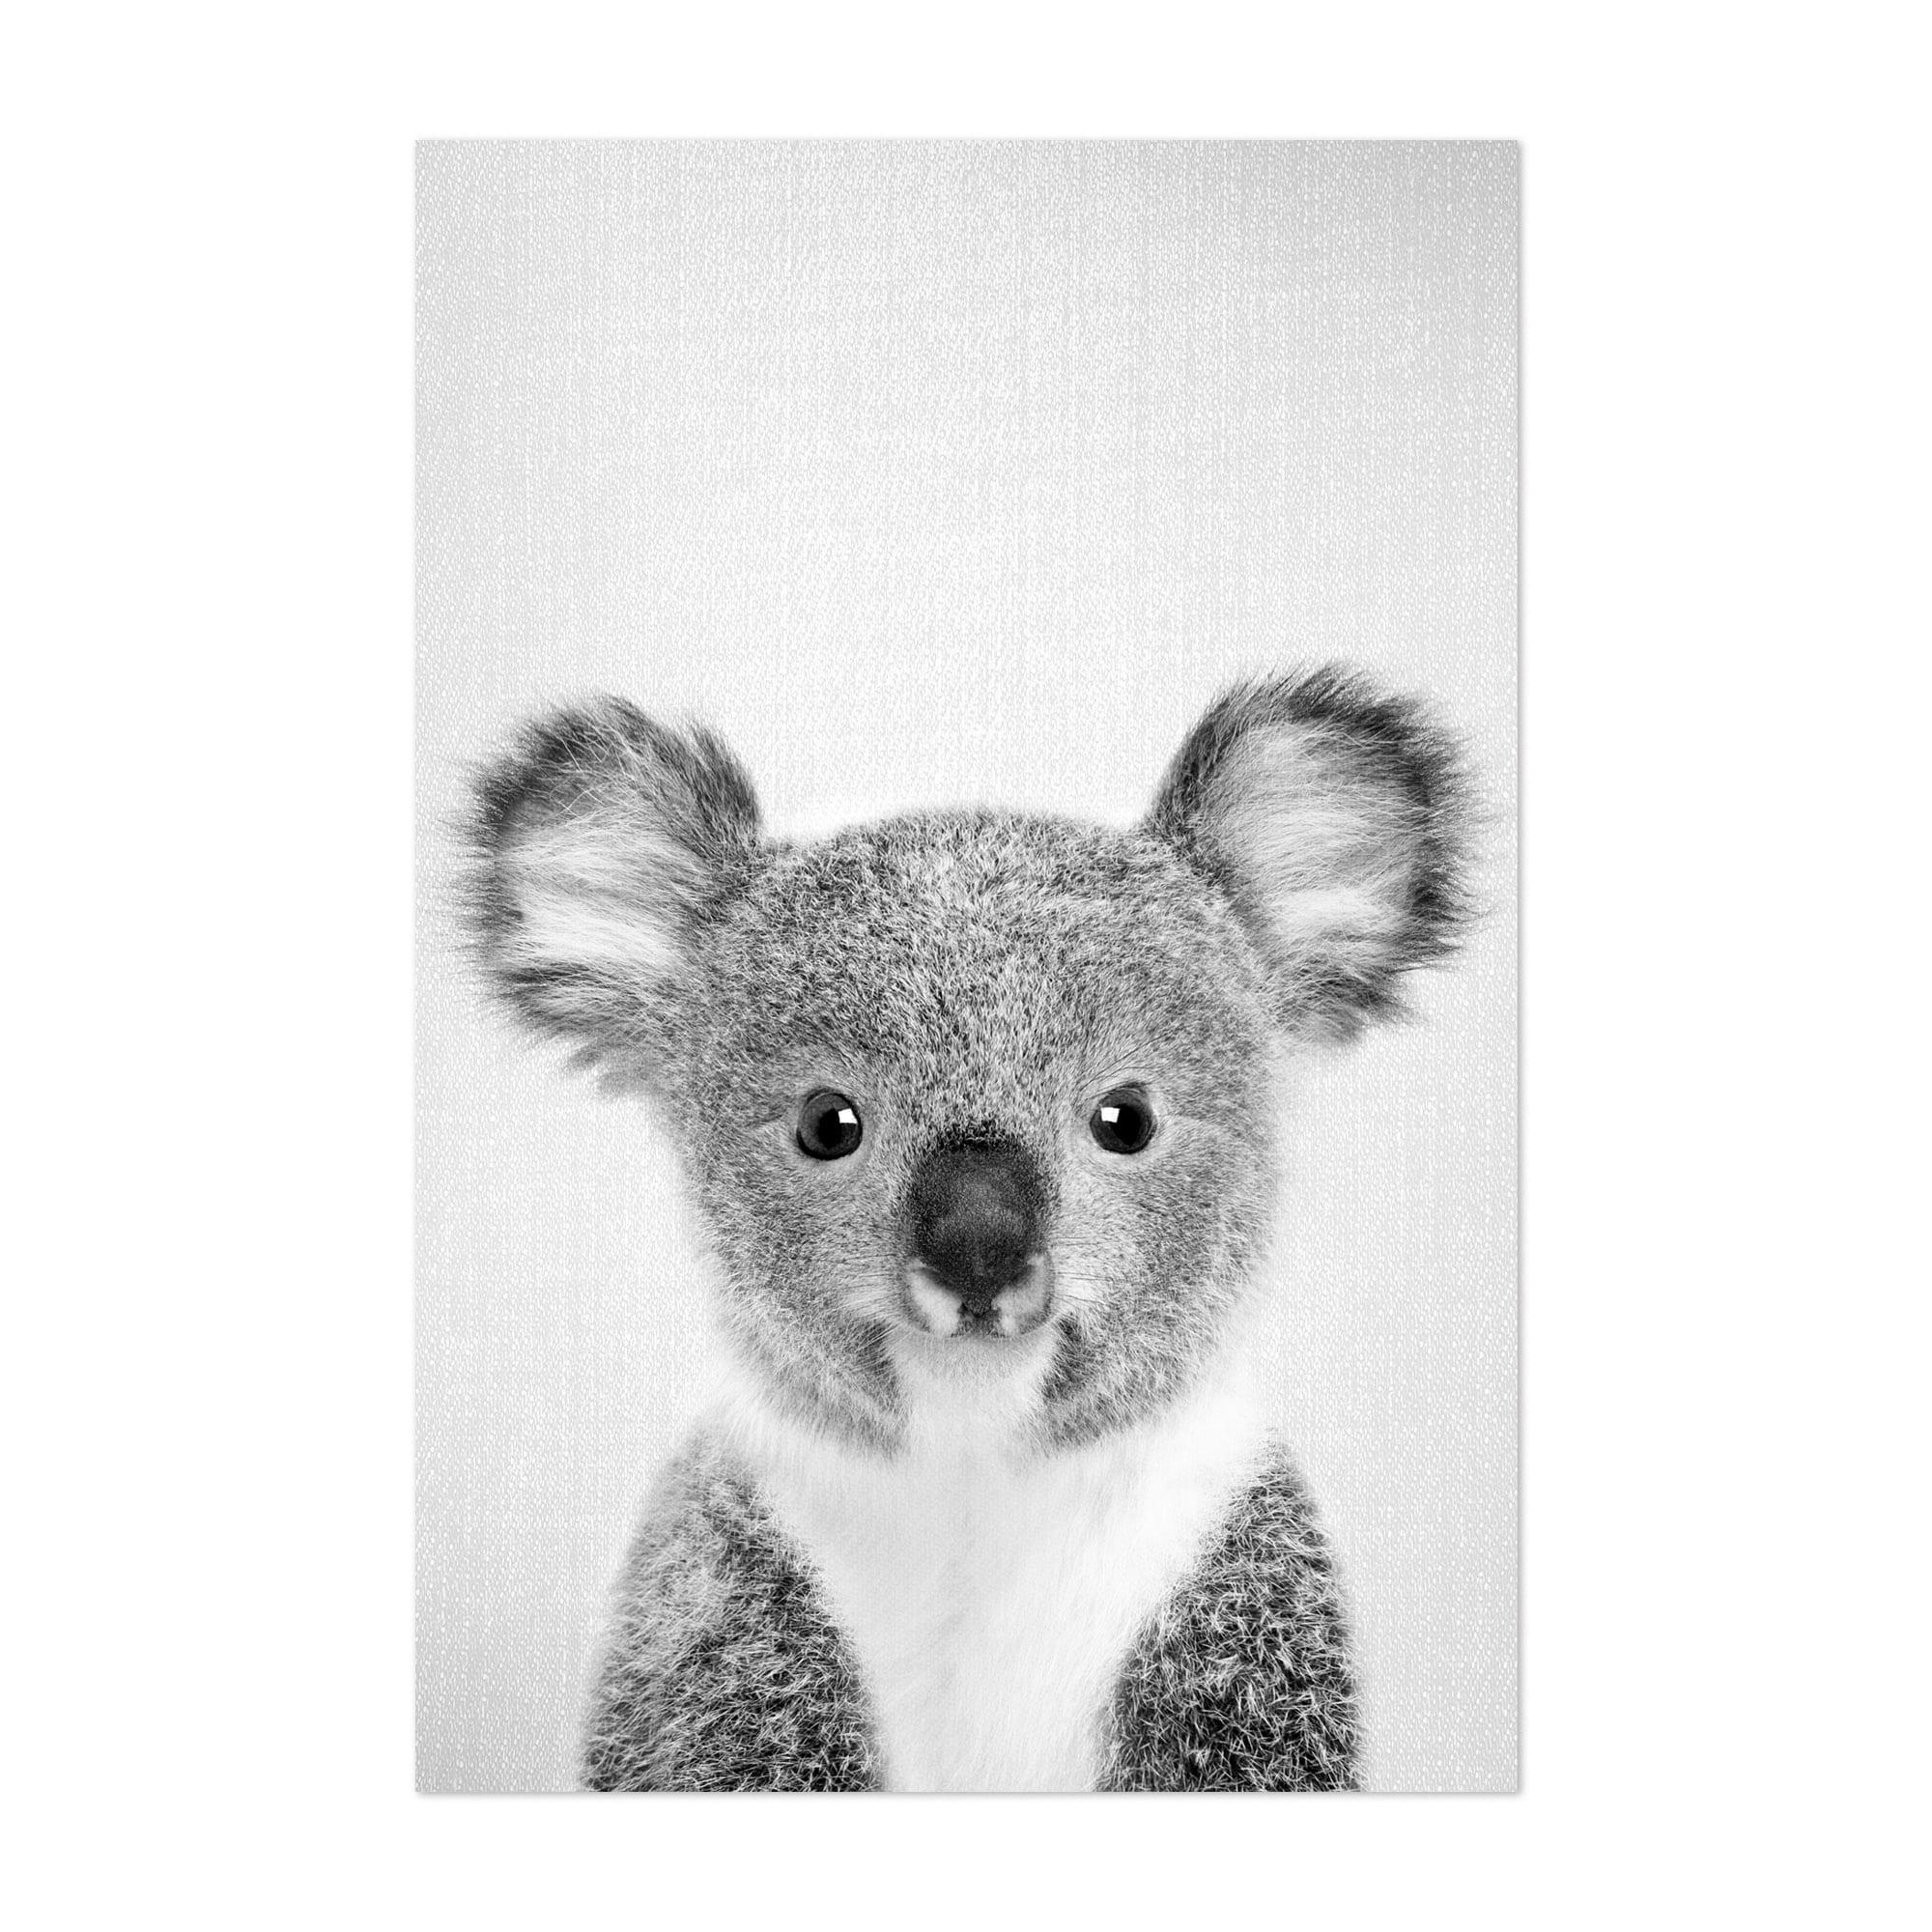 Shop Noir Gallery Cute Baby Koala Peekaboo Animal Unframed Art